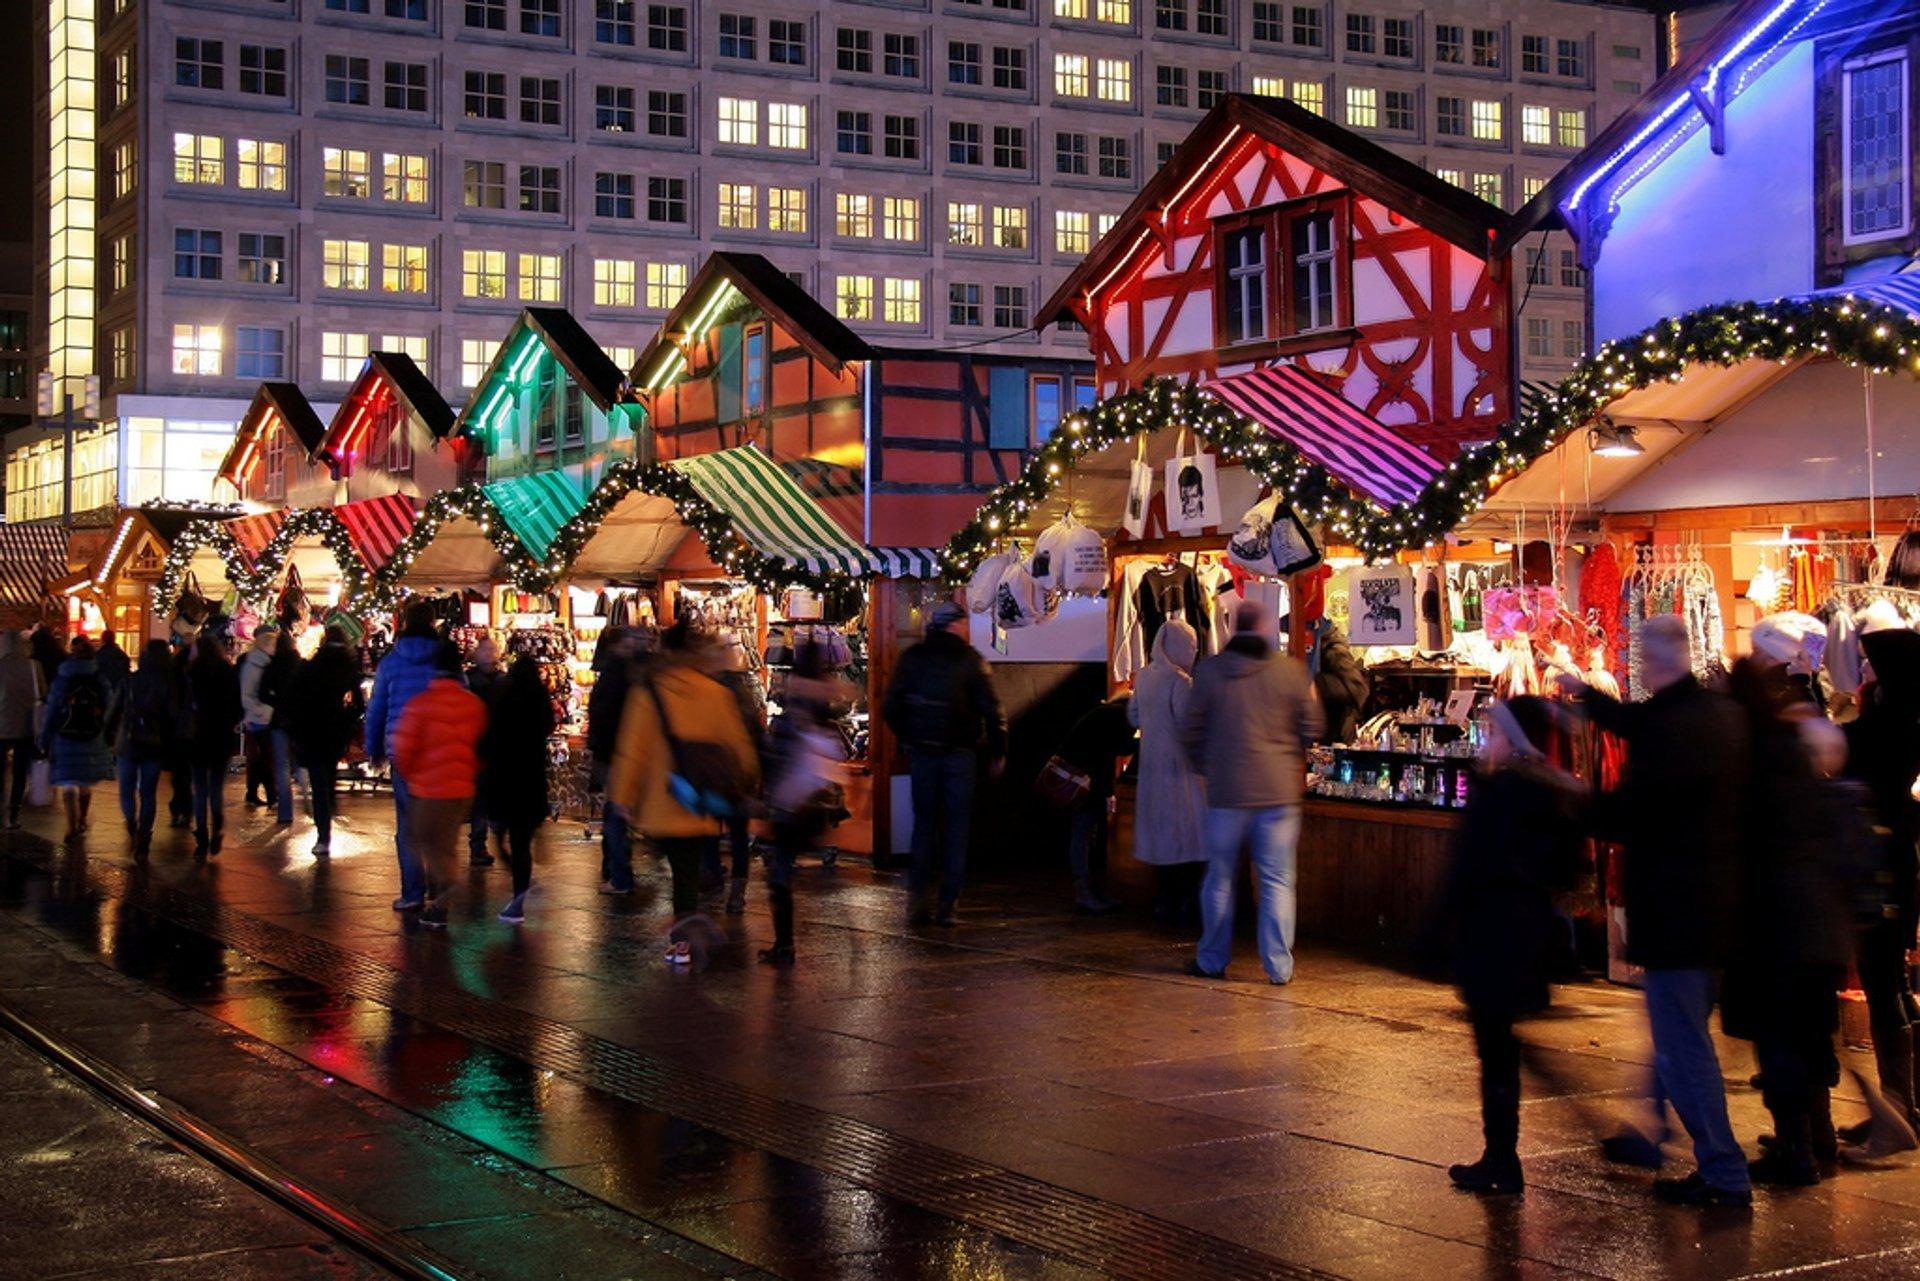 Christmas Market (Weihnachtsmarkt) at Alexanderplatz 2020